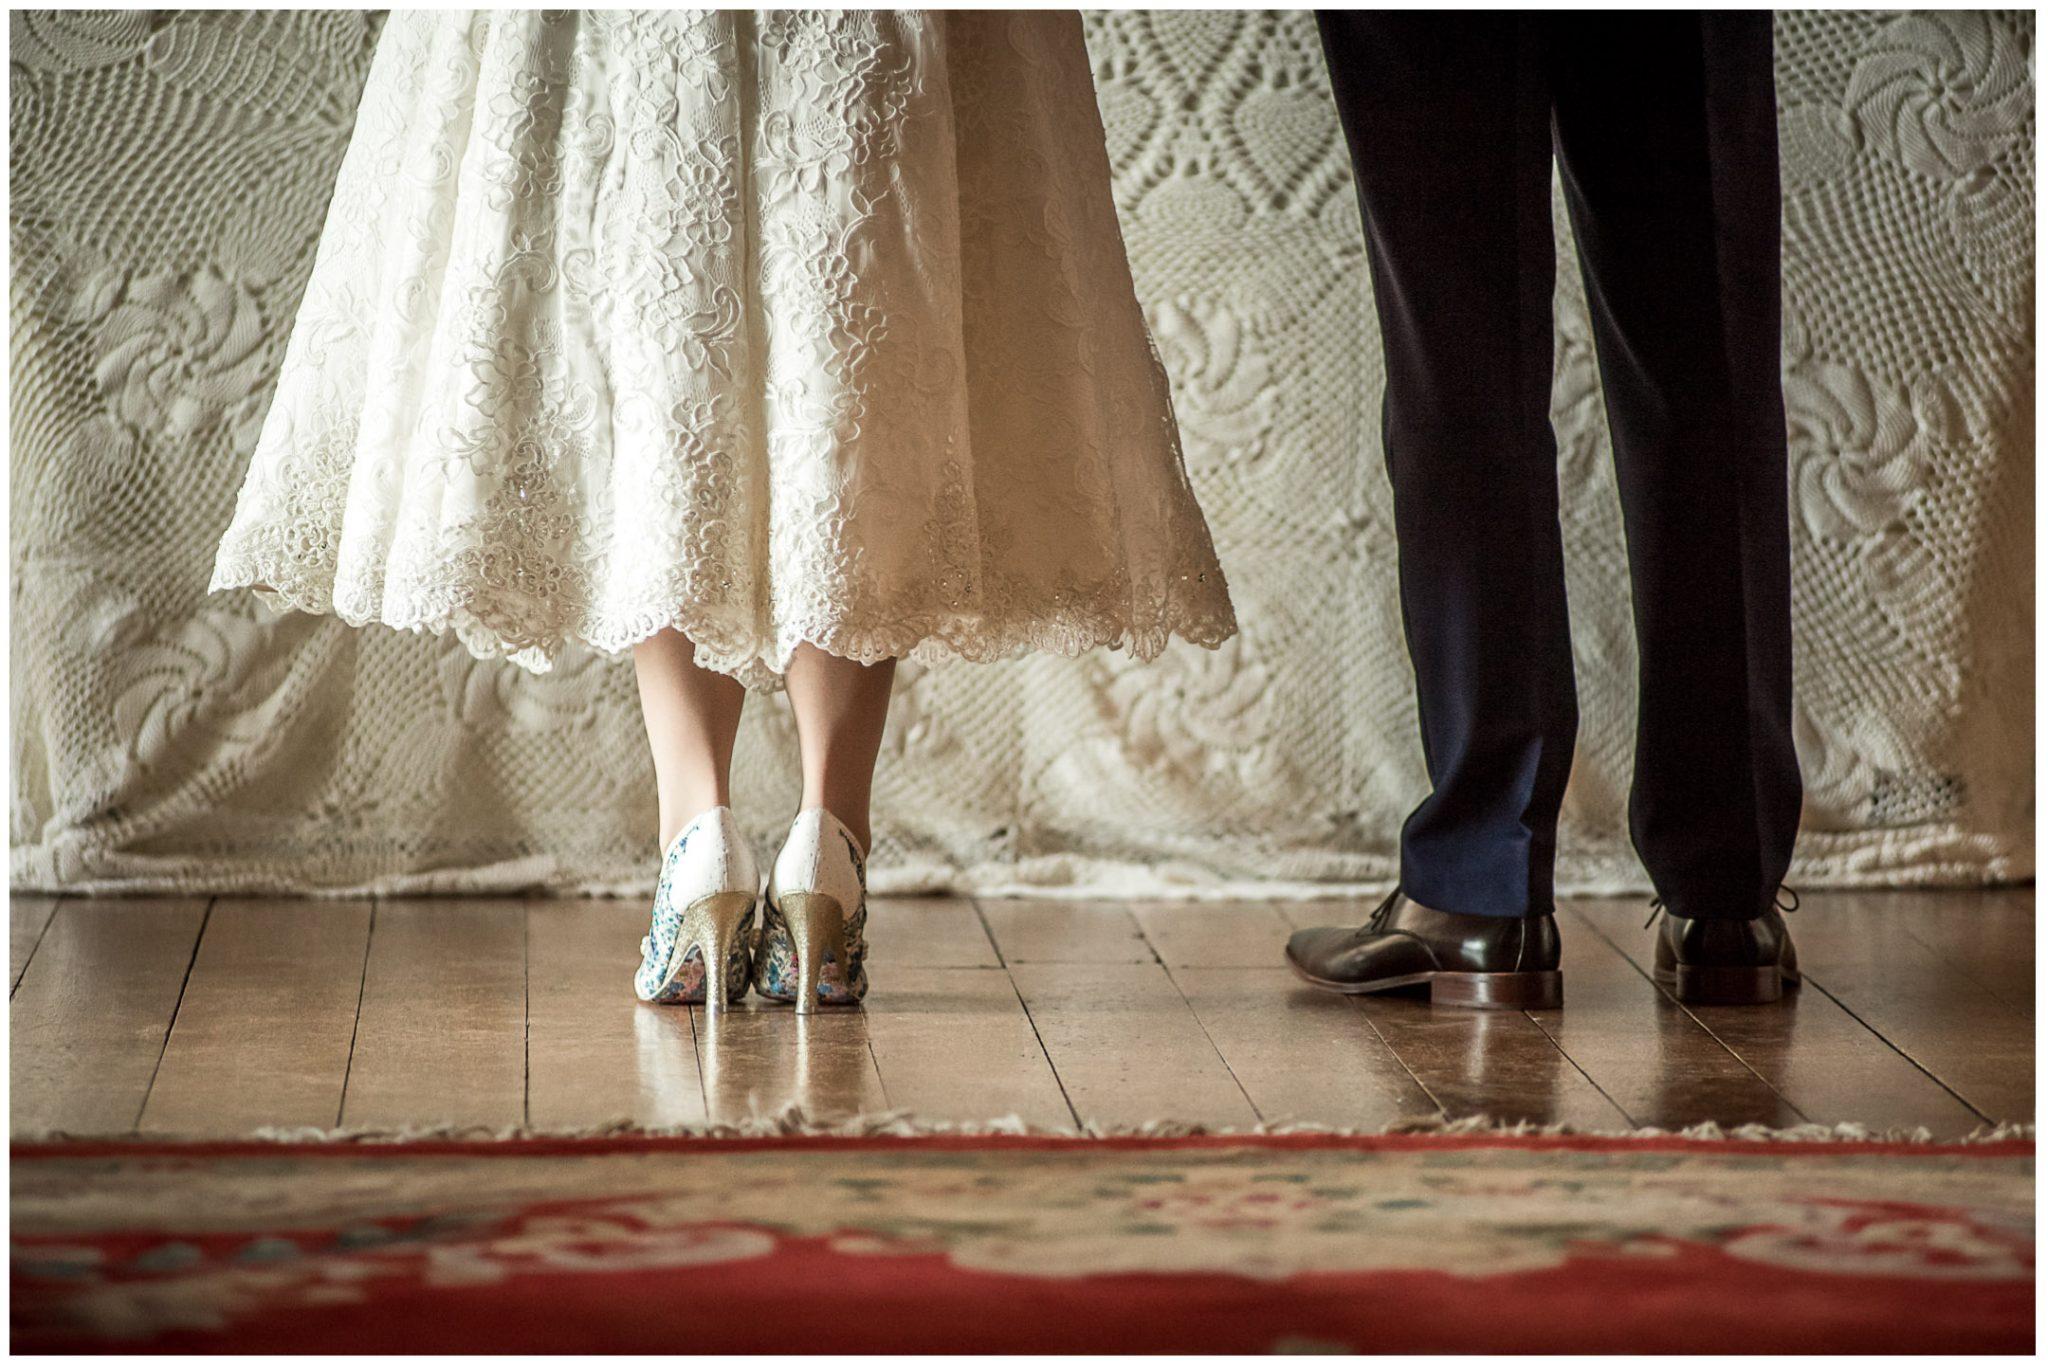 Avington Park wedding photography shoe details